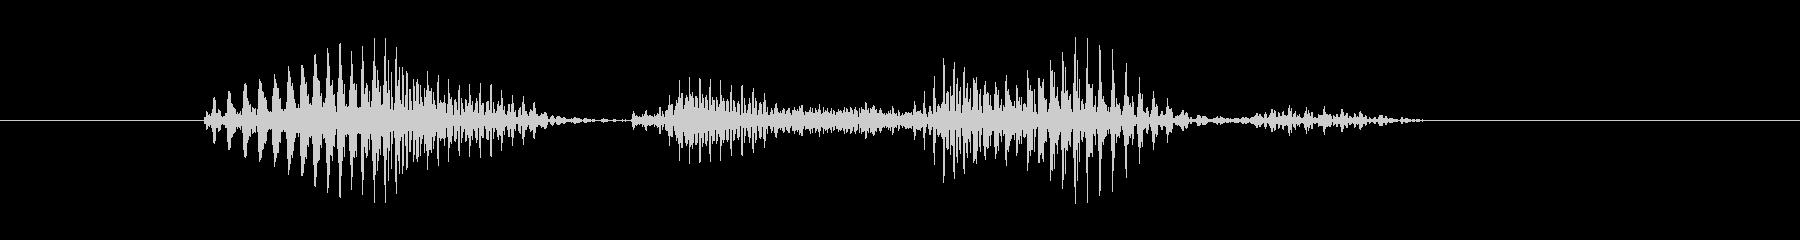 アウトサイドの未再生の波形